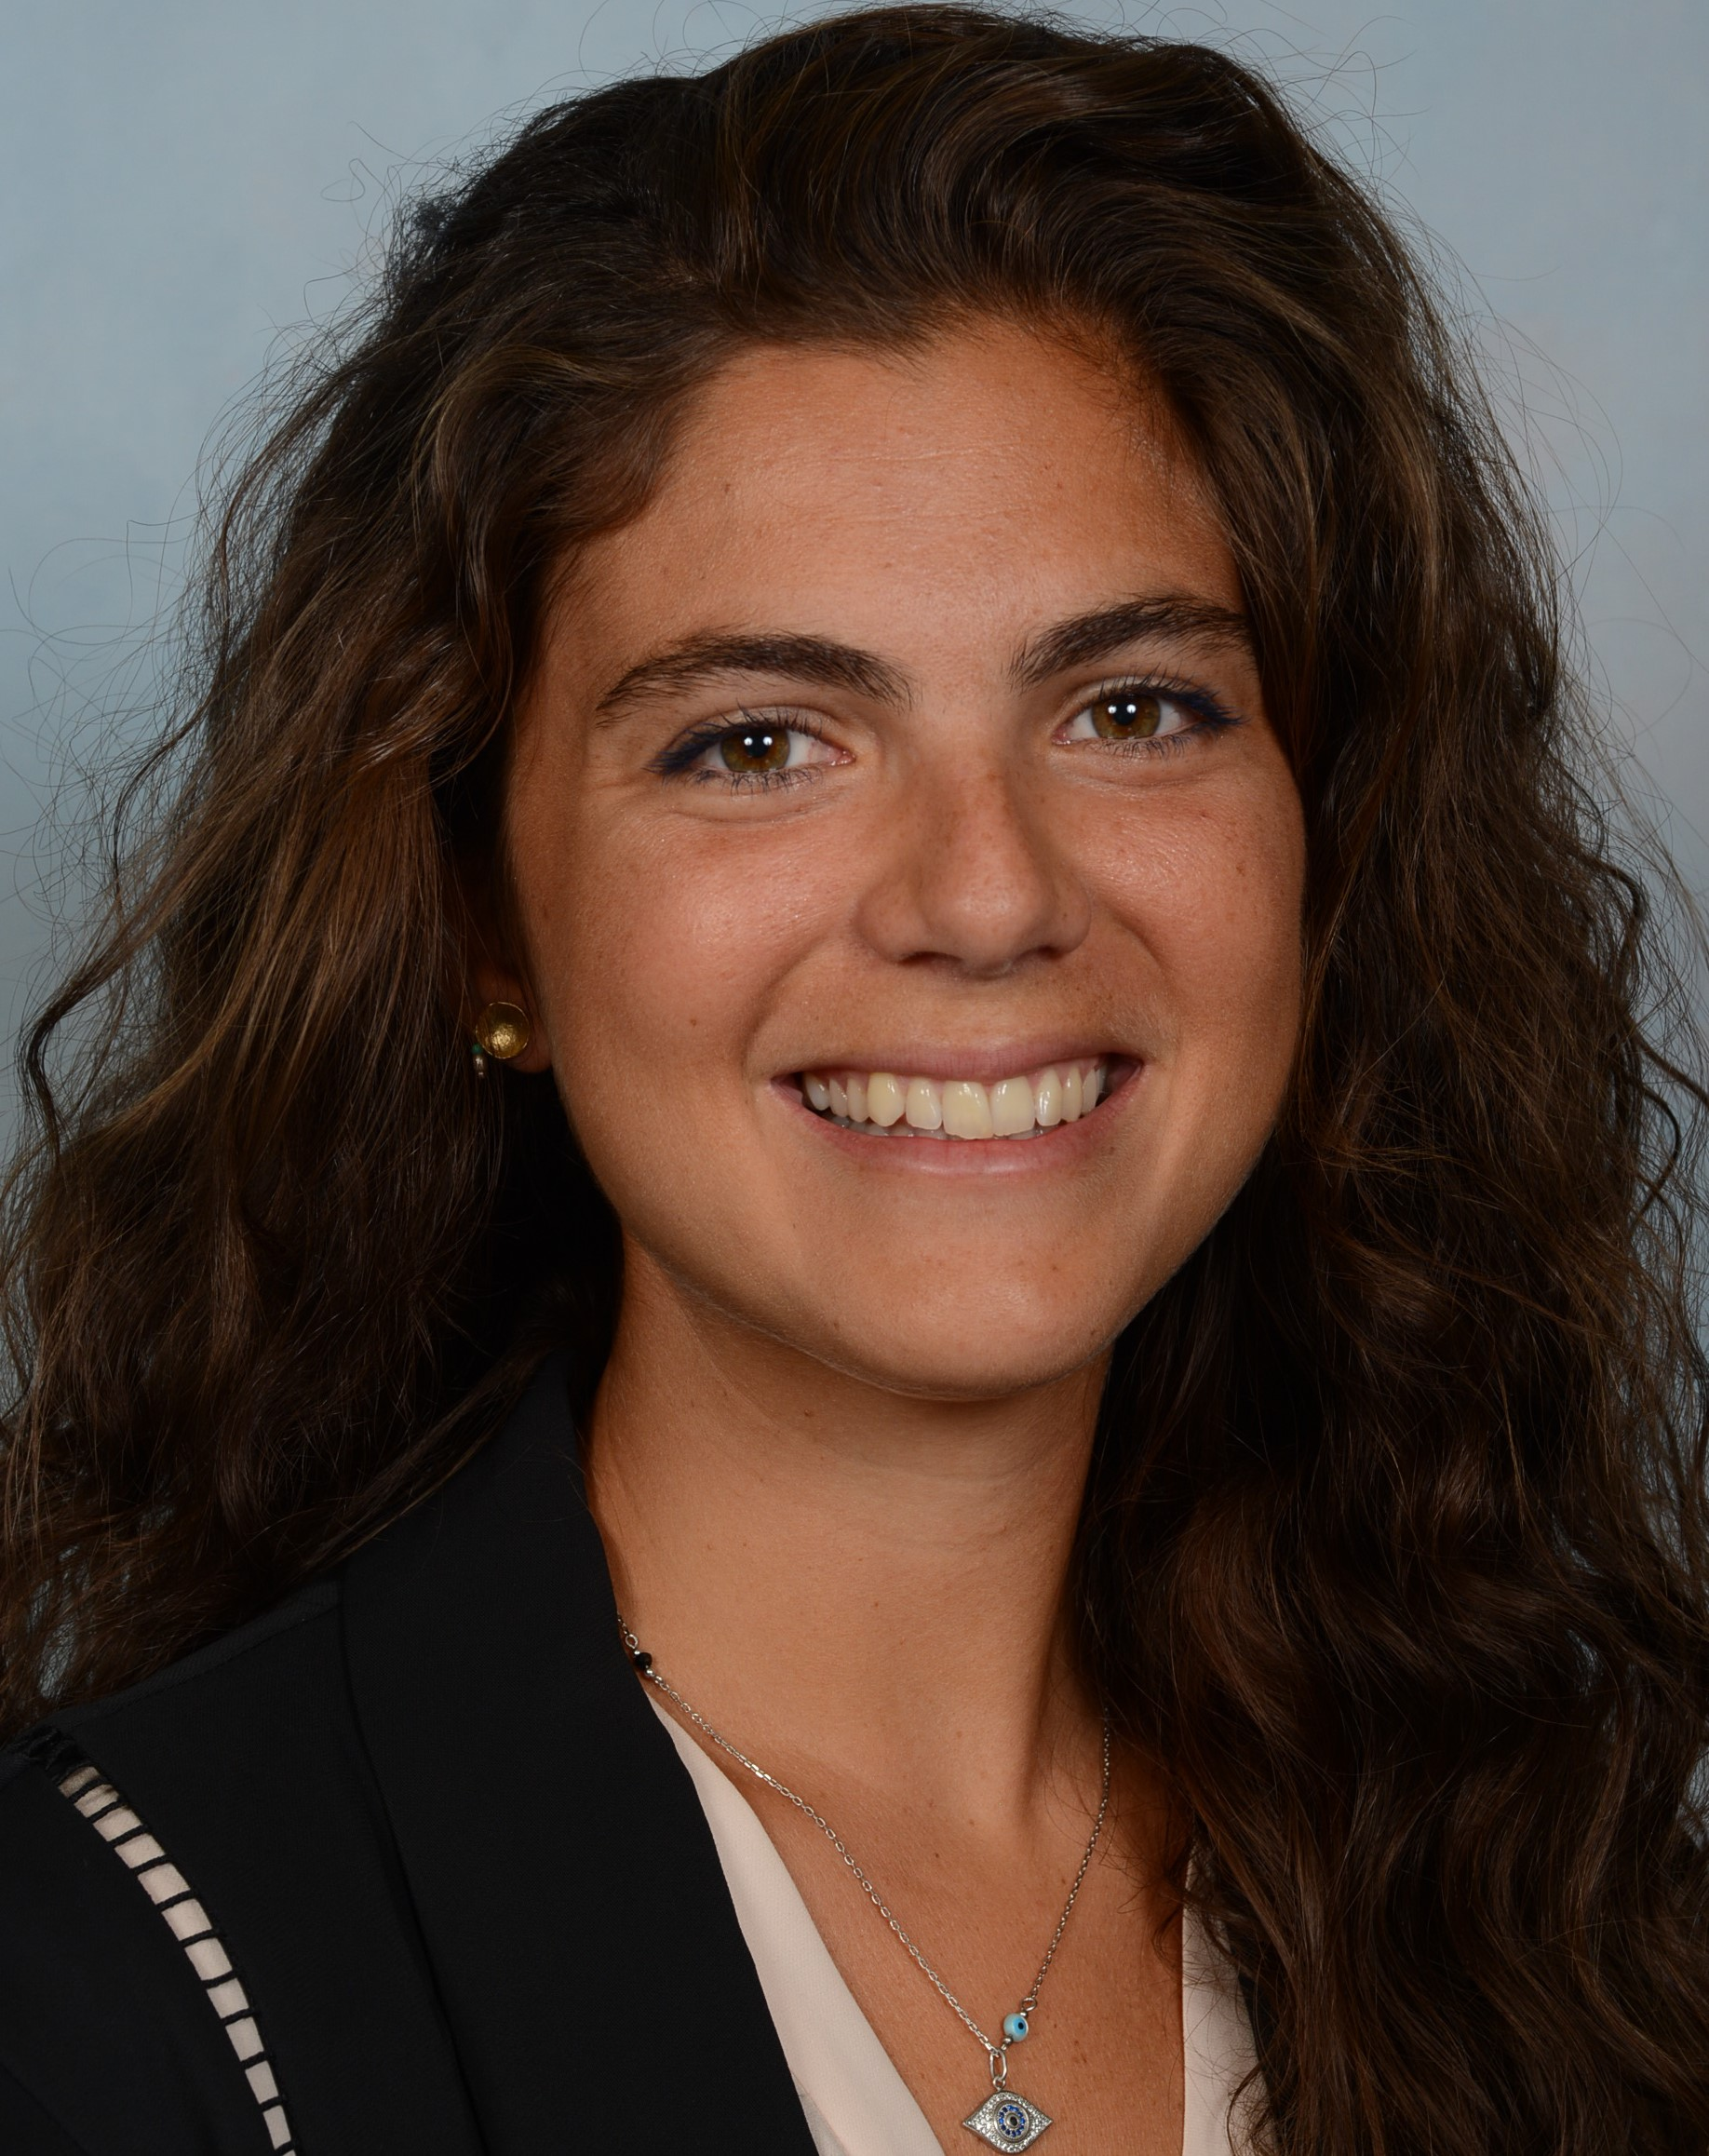 Carlotta Rinaldi